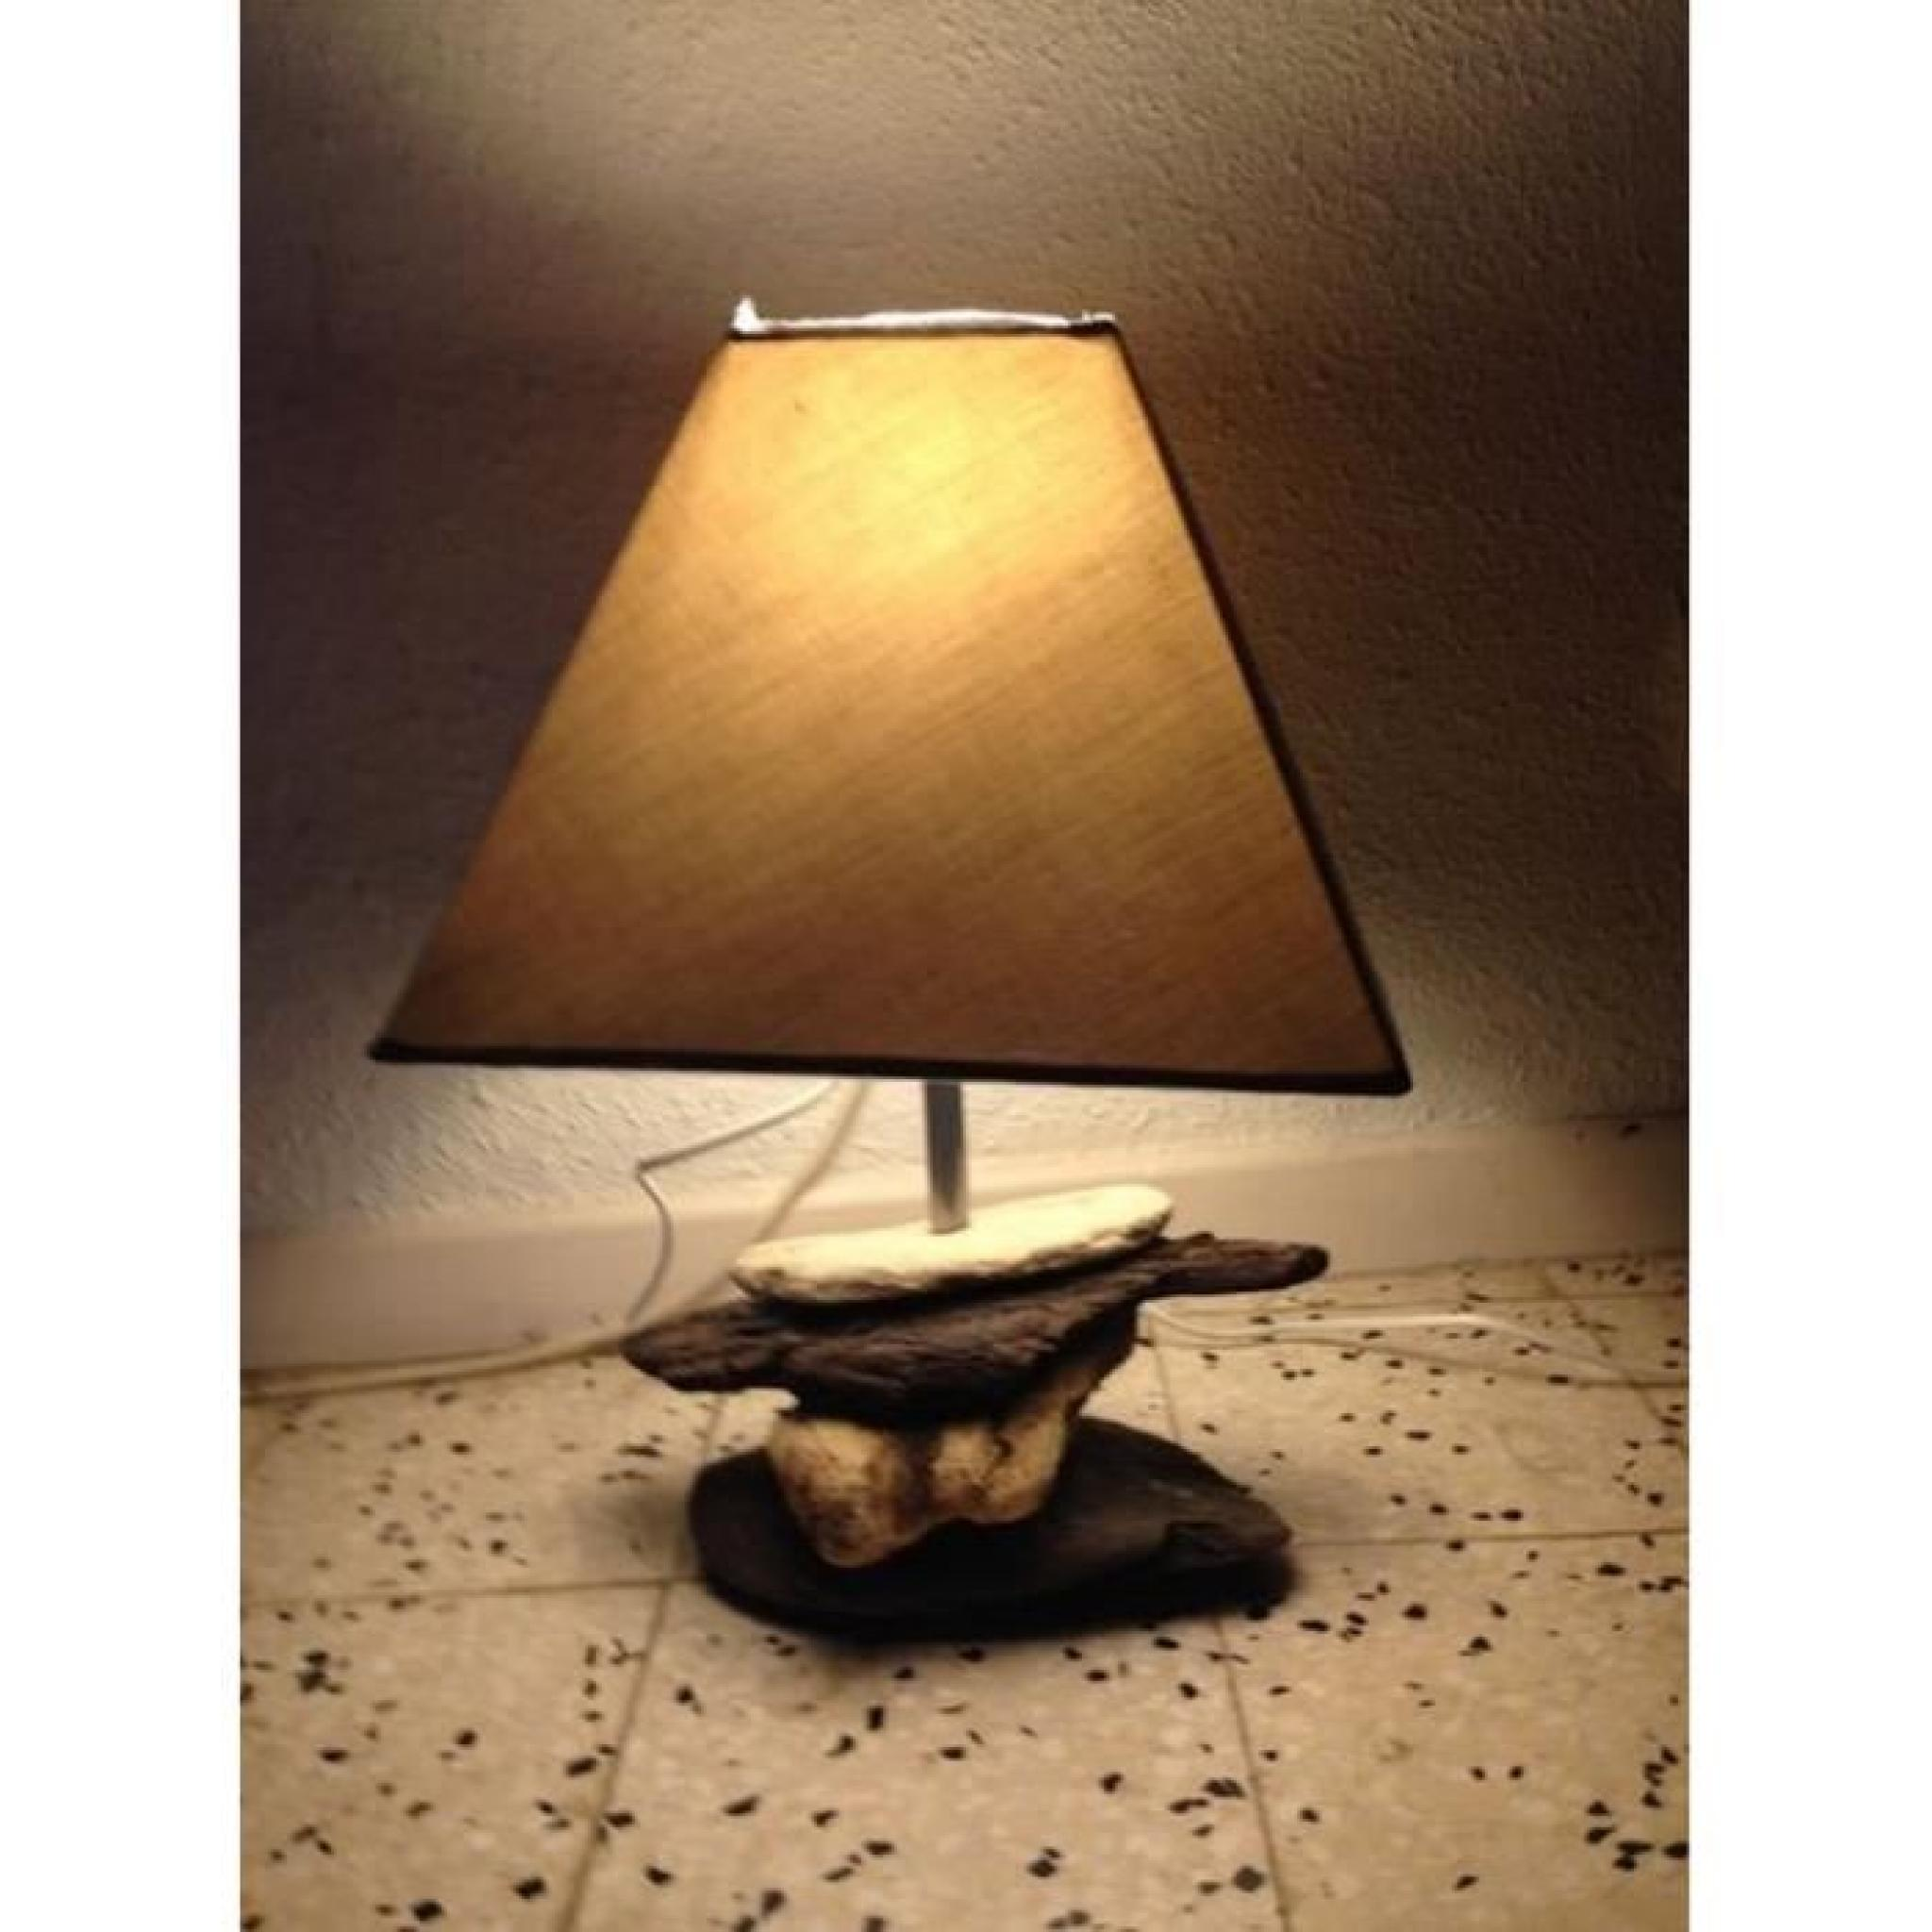 lampe de chevet bois flotte 44cm haut pied roche achat. Black Bedroom Furniture Sets. Home Design Ideas